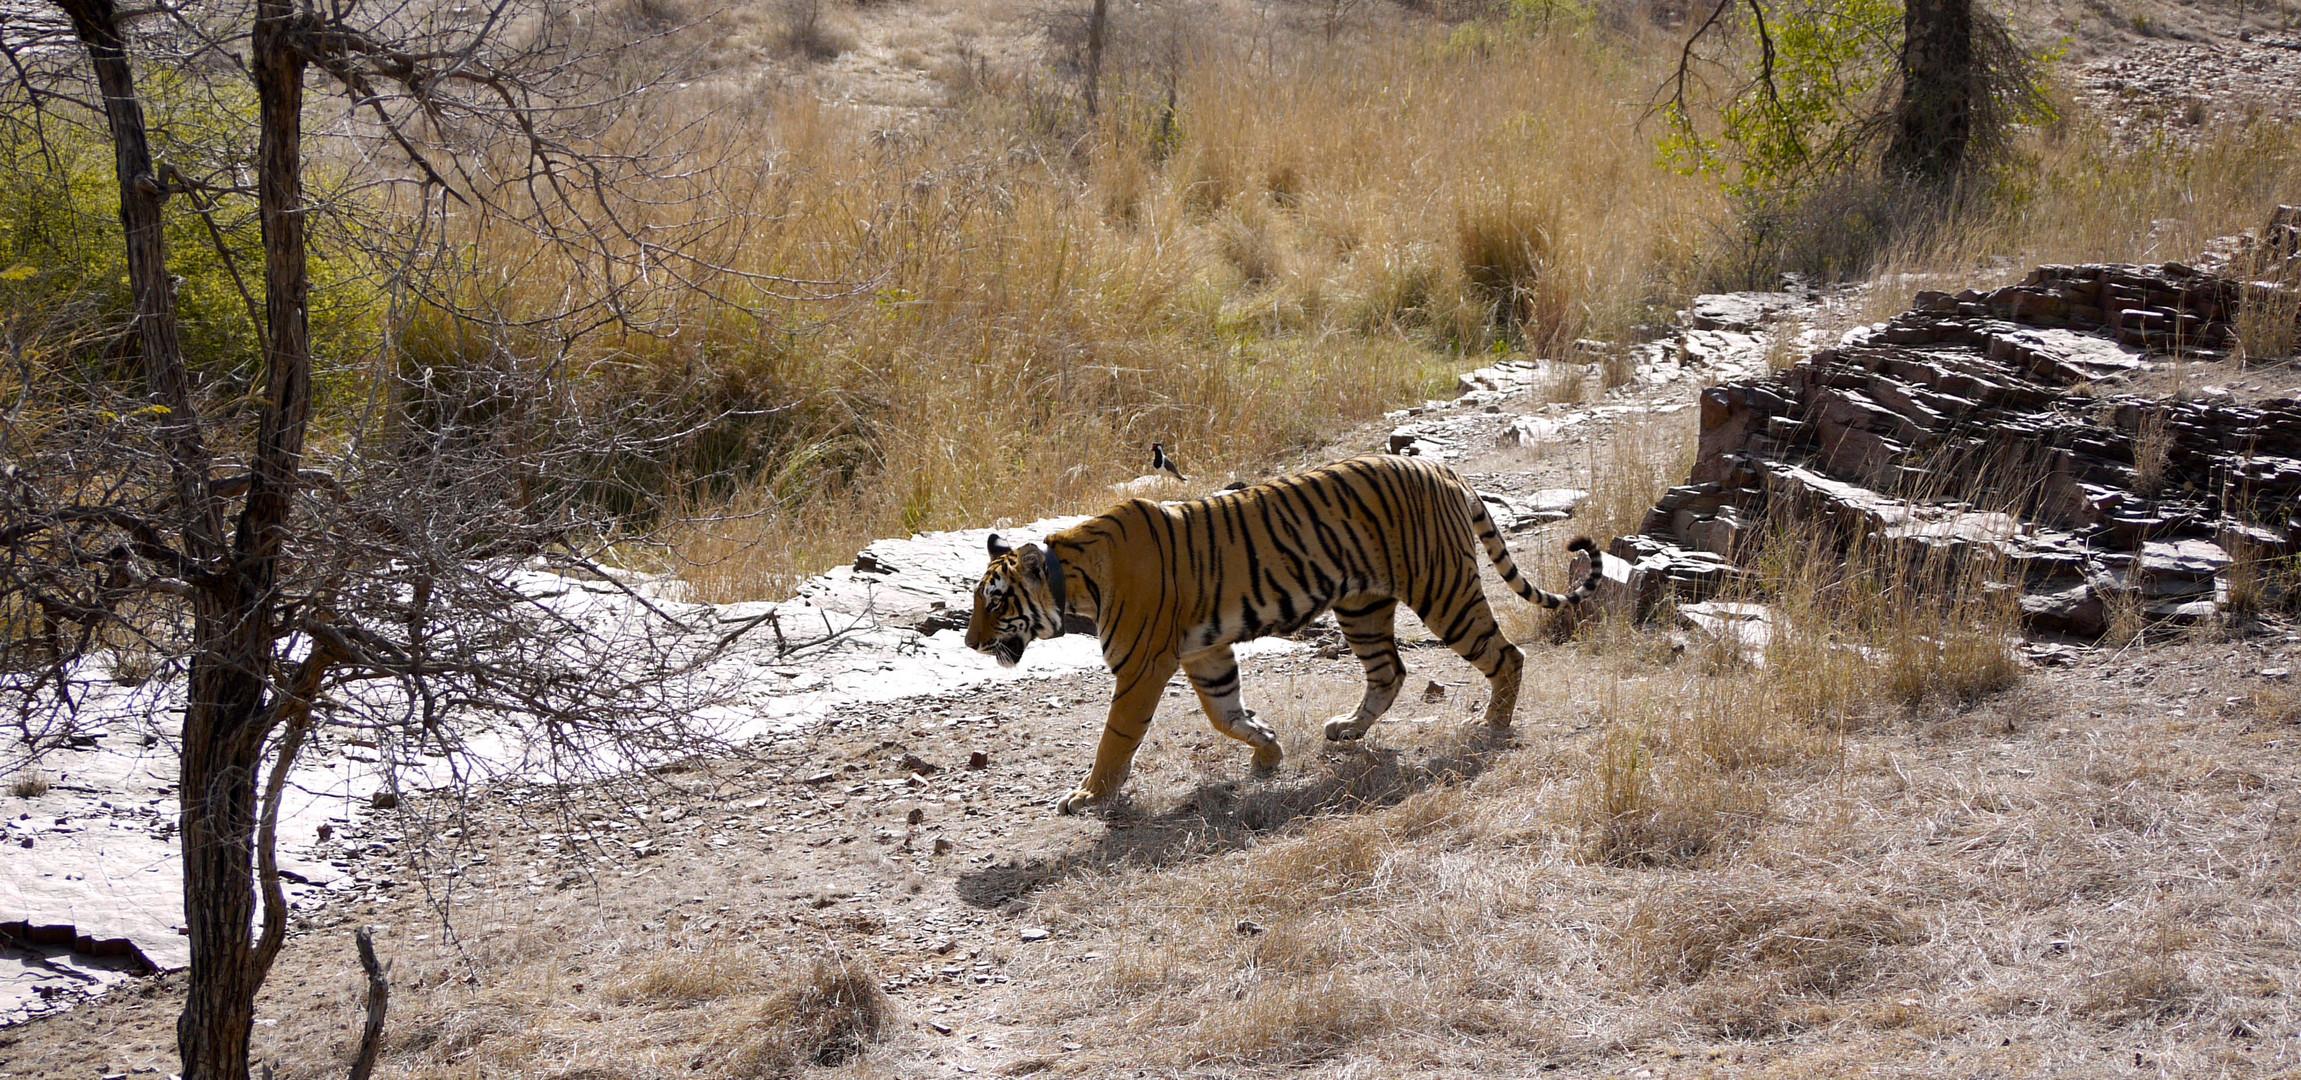 Tigerin im NP Ranthambore Indien